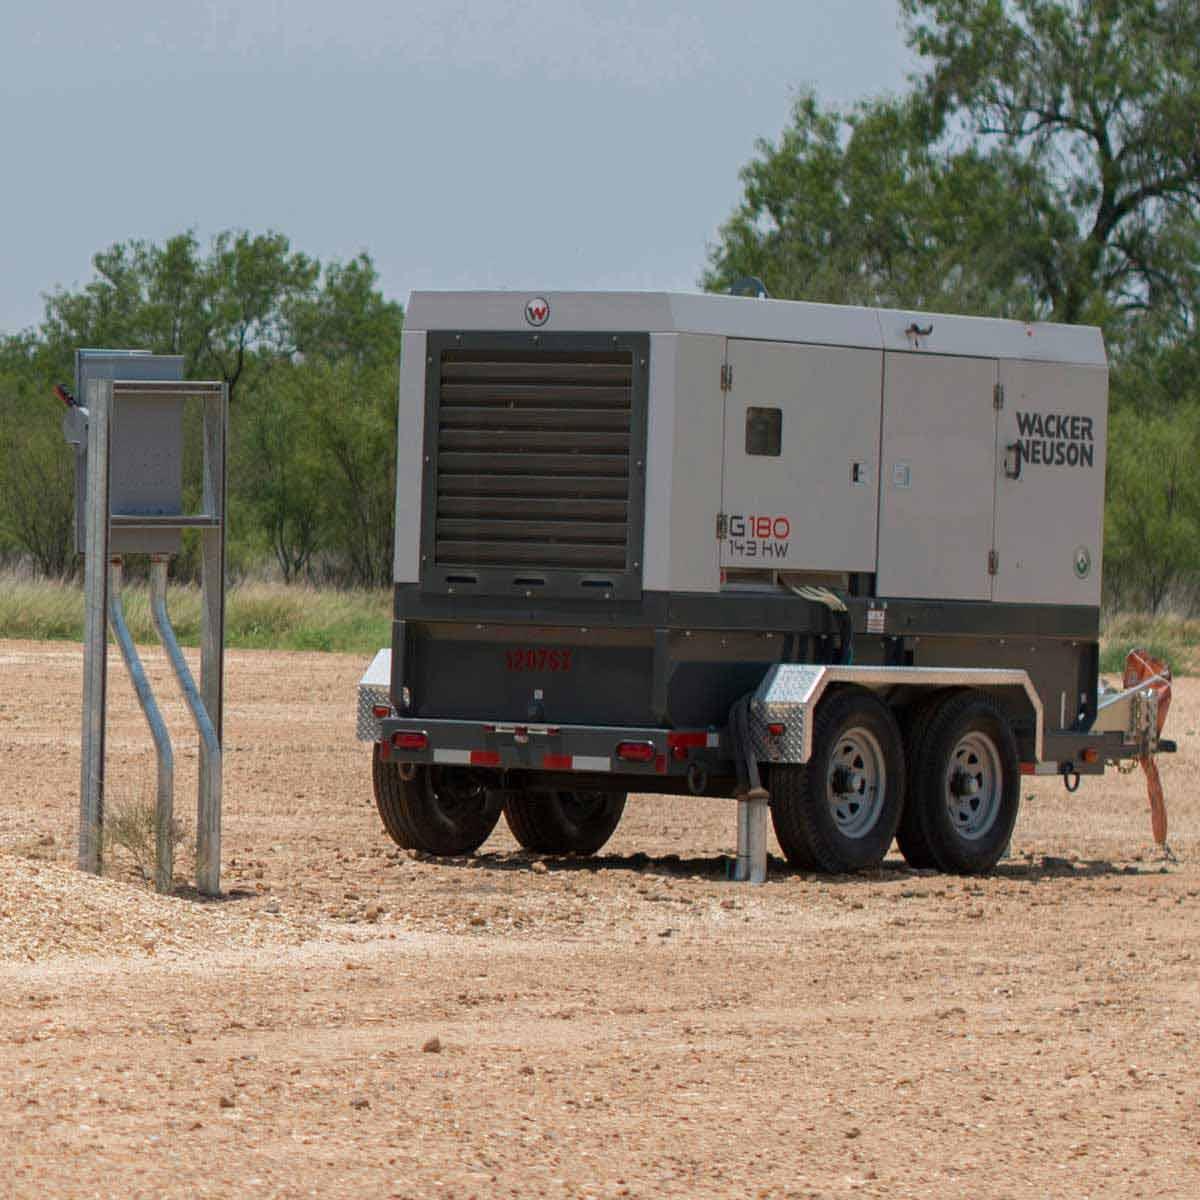 Wacker Neuson G180 mobile generator